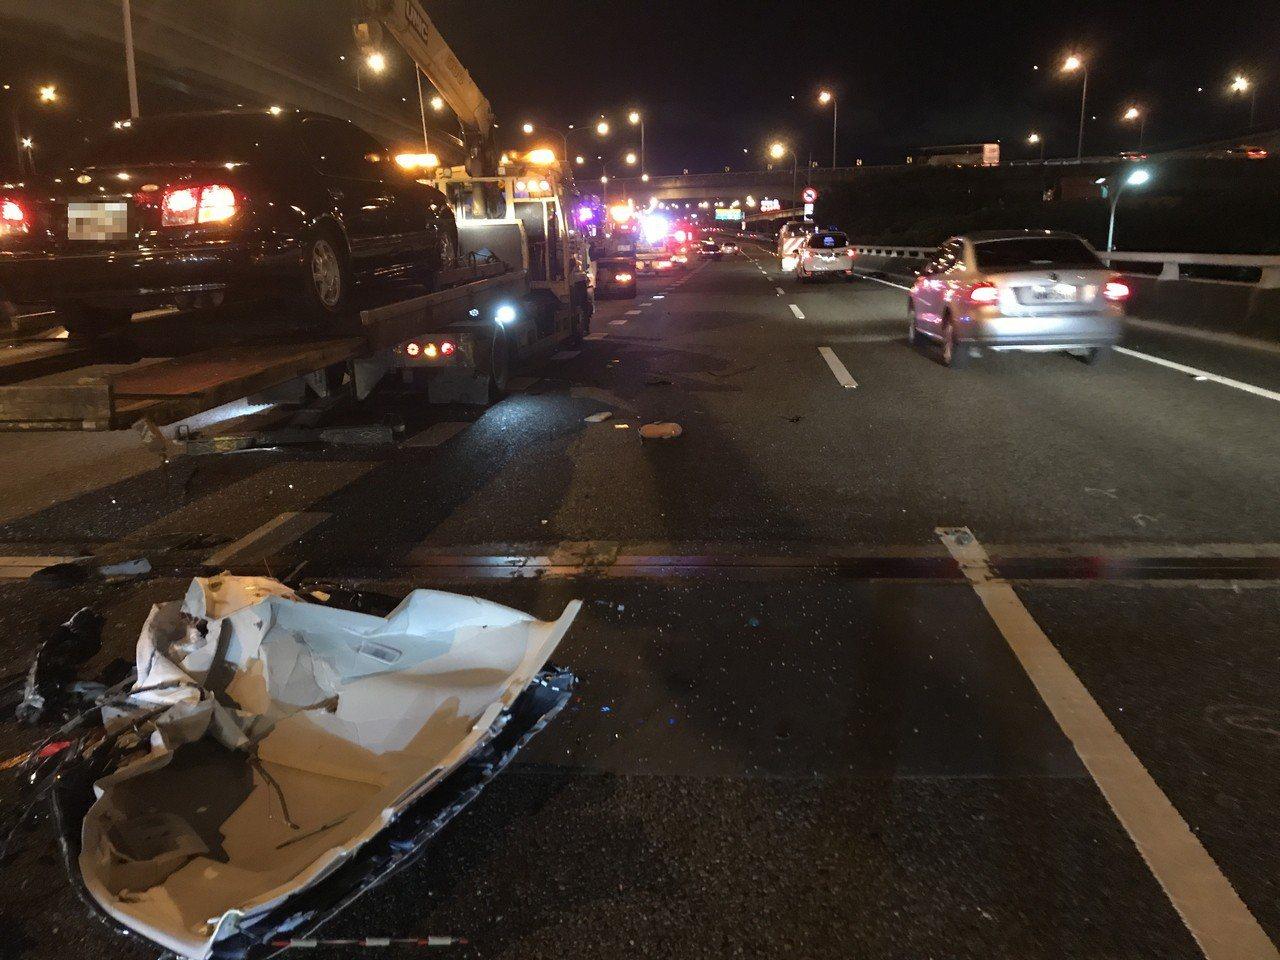 拖吊車在高速公路中線車道上作業,後方轎車閃避不及高速追撞,車頂像被刀片削斷整個掀...